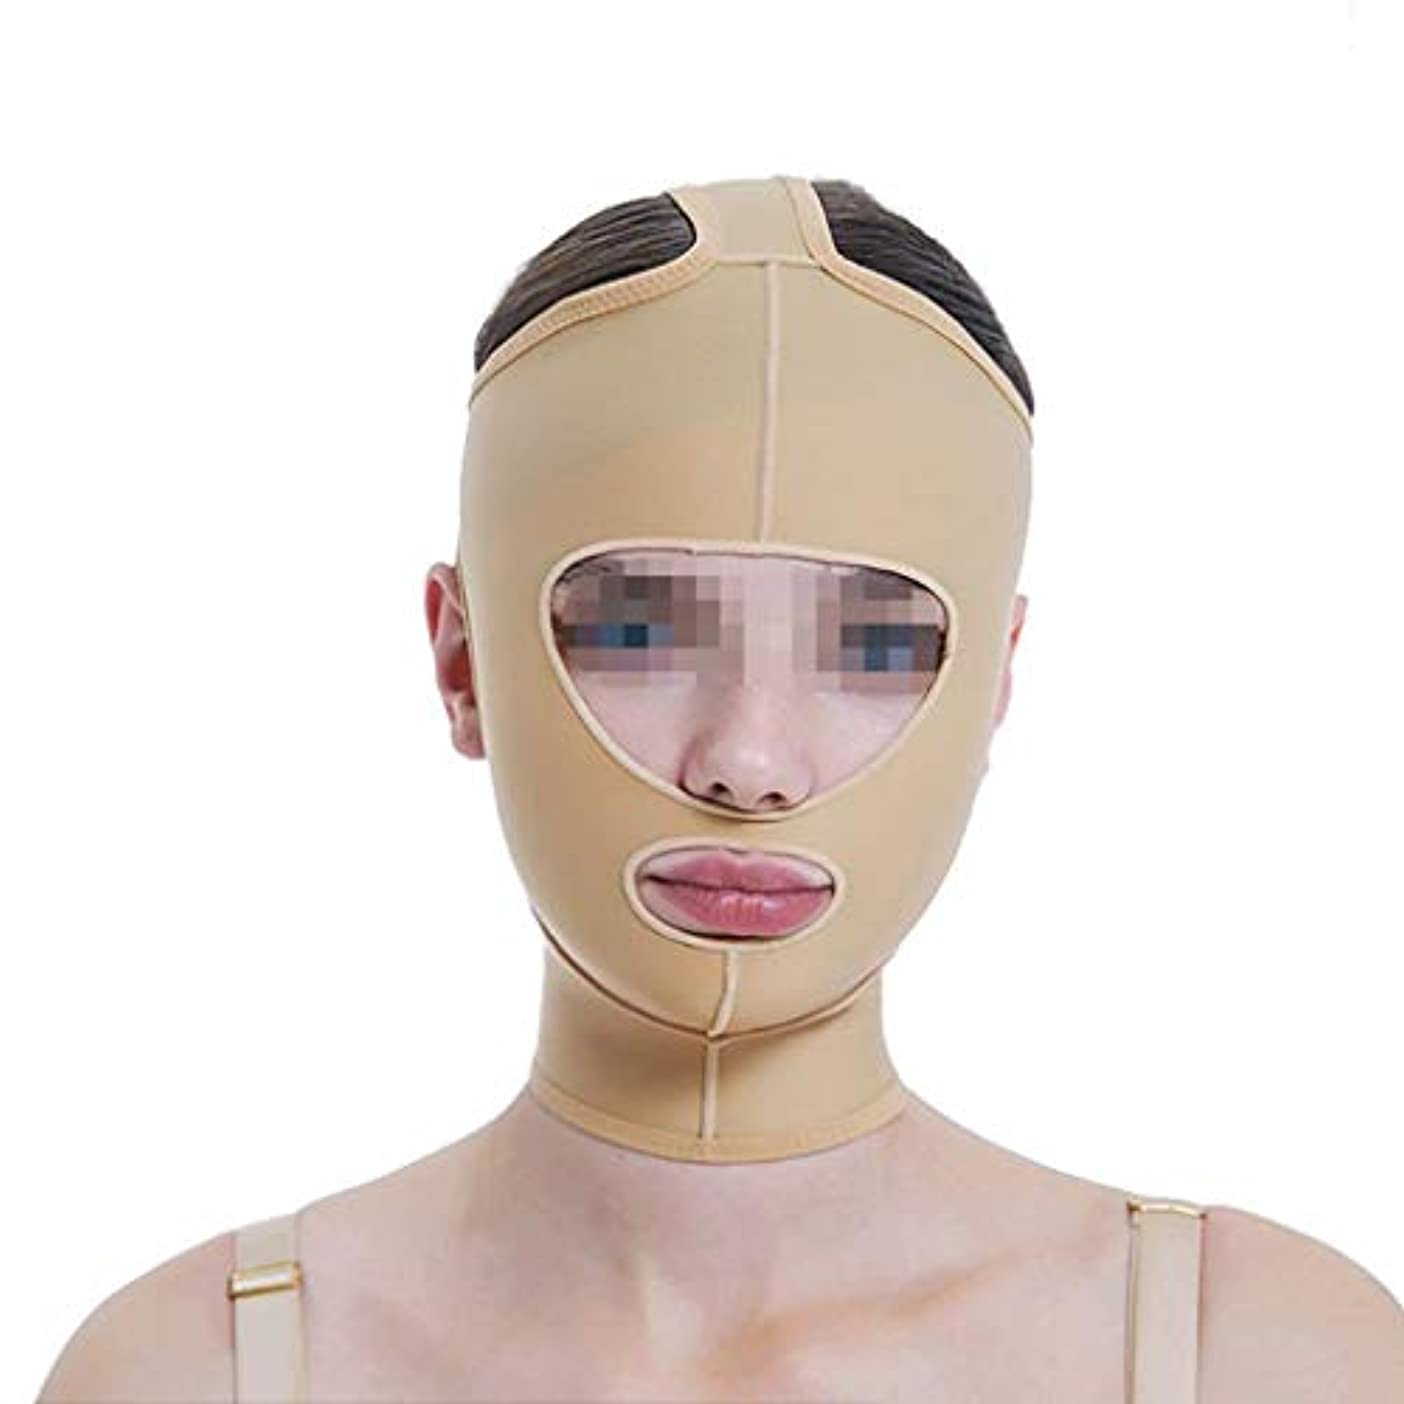 オアシス目の前の制限されたフェイスリフトマスク、ラインカービングフェイスエラスティックセットシンダブルチンVフェイスビームフェイスマルチサイズオプション(サイズ:M)